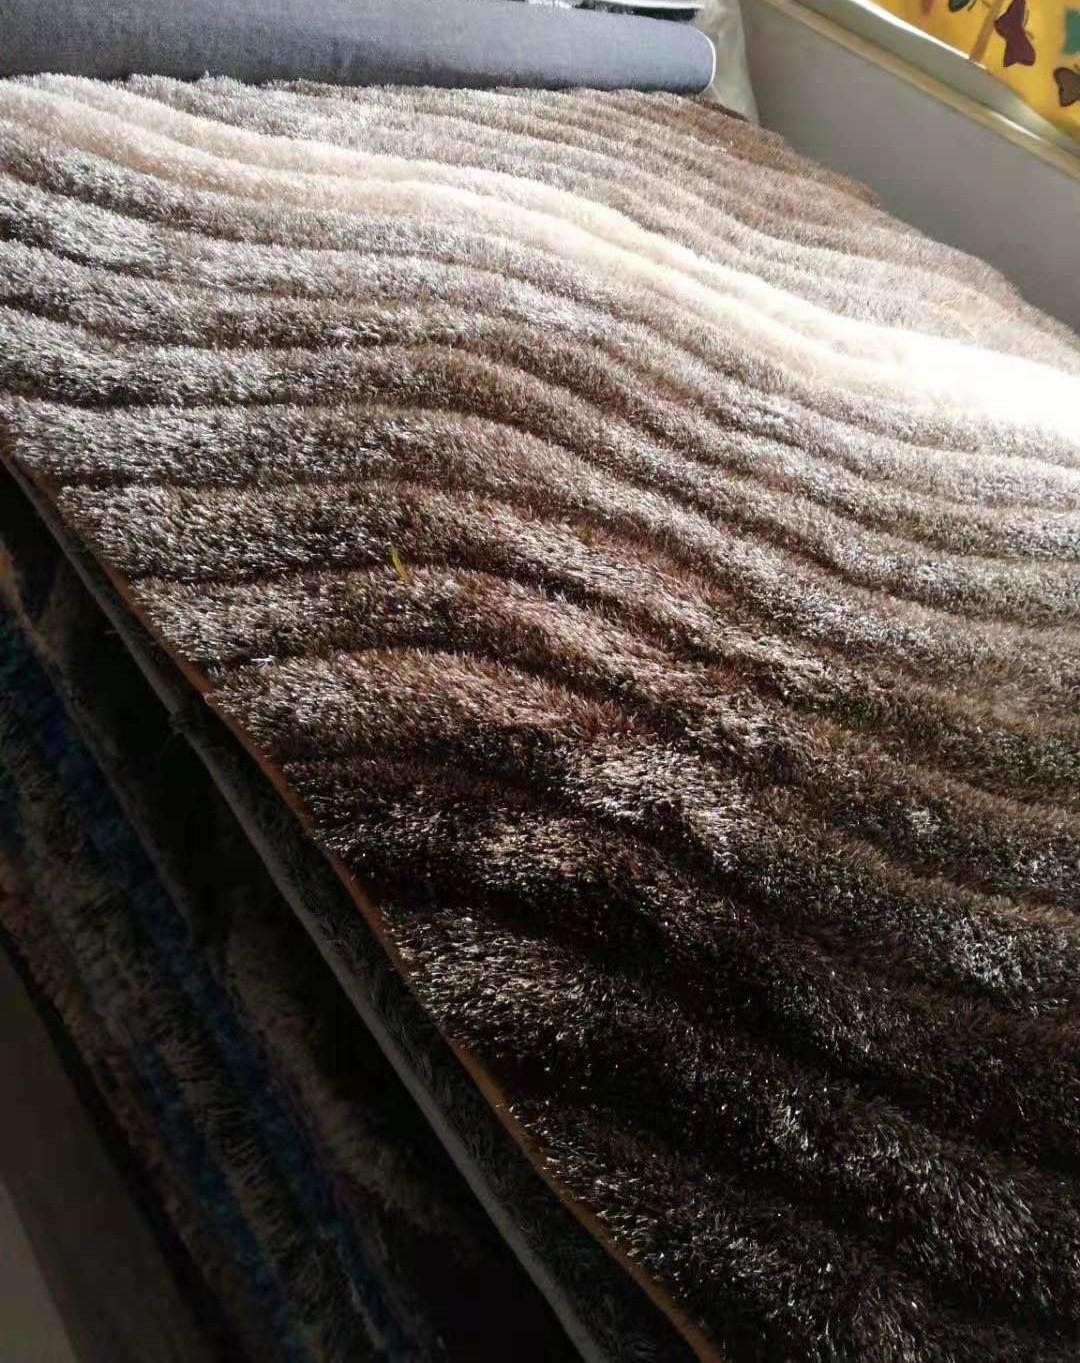 广州广园西路88号批发5G彩色冰丝加羊毛地毯 1